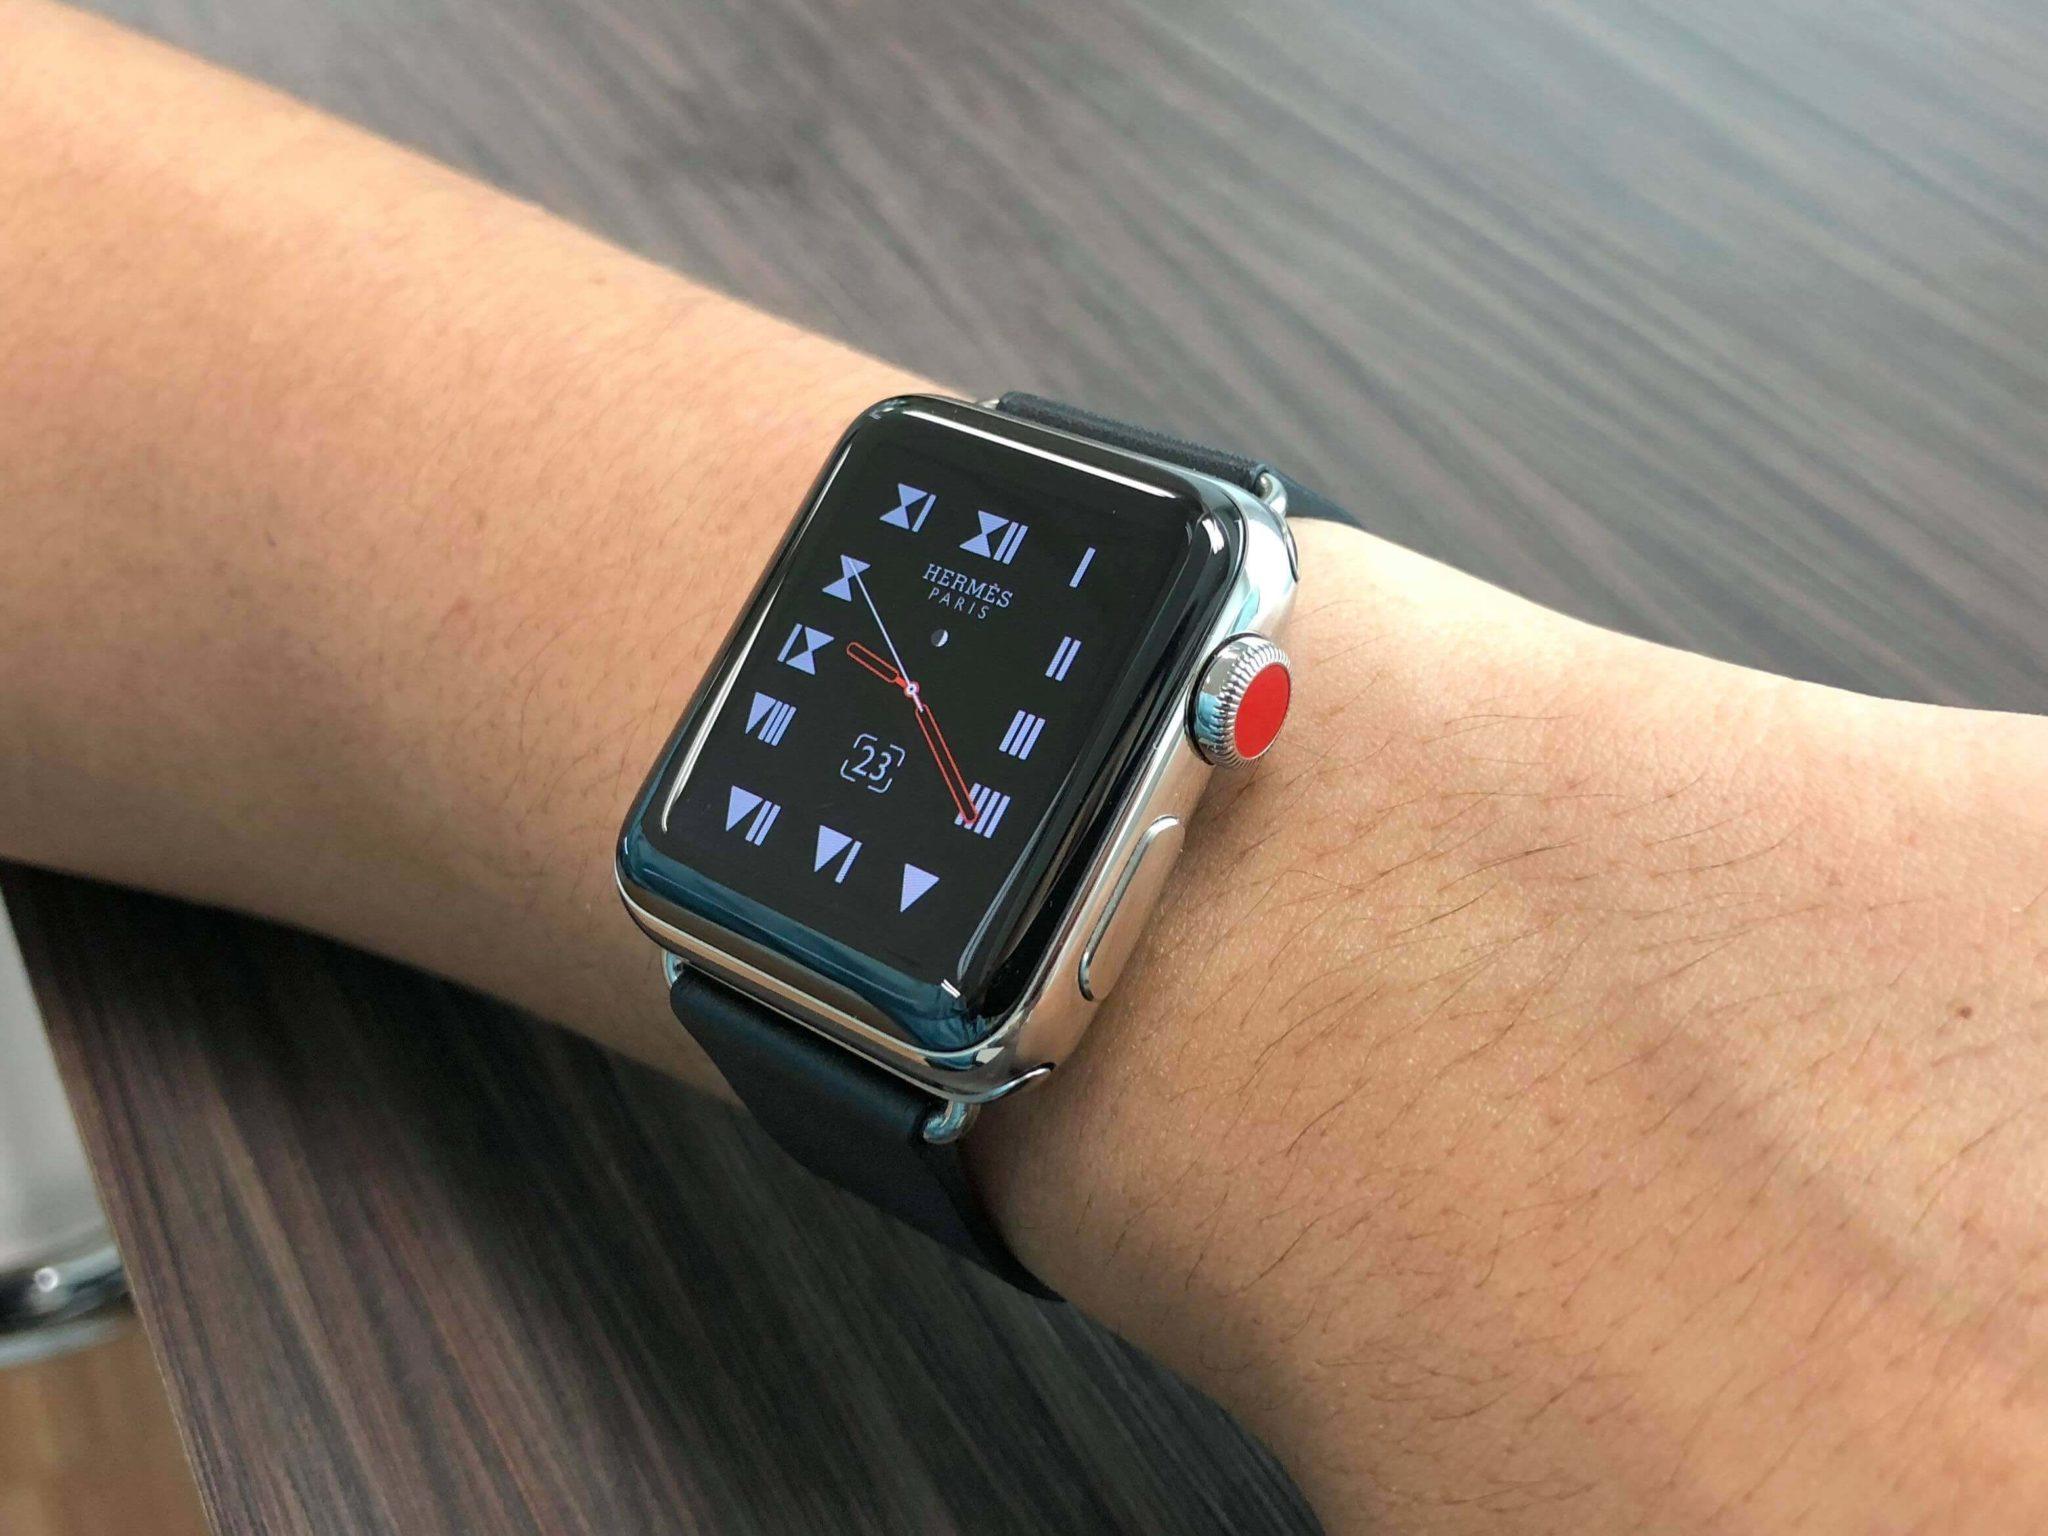 รีวิว Apple Watch LTE นาฬิกาแอปเปิ้ลใหม่ใส่ซิม โทรได้แม้ไร้ iPhone 22 - Smart Home